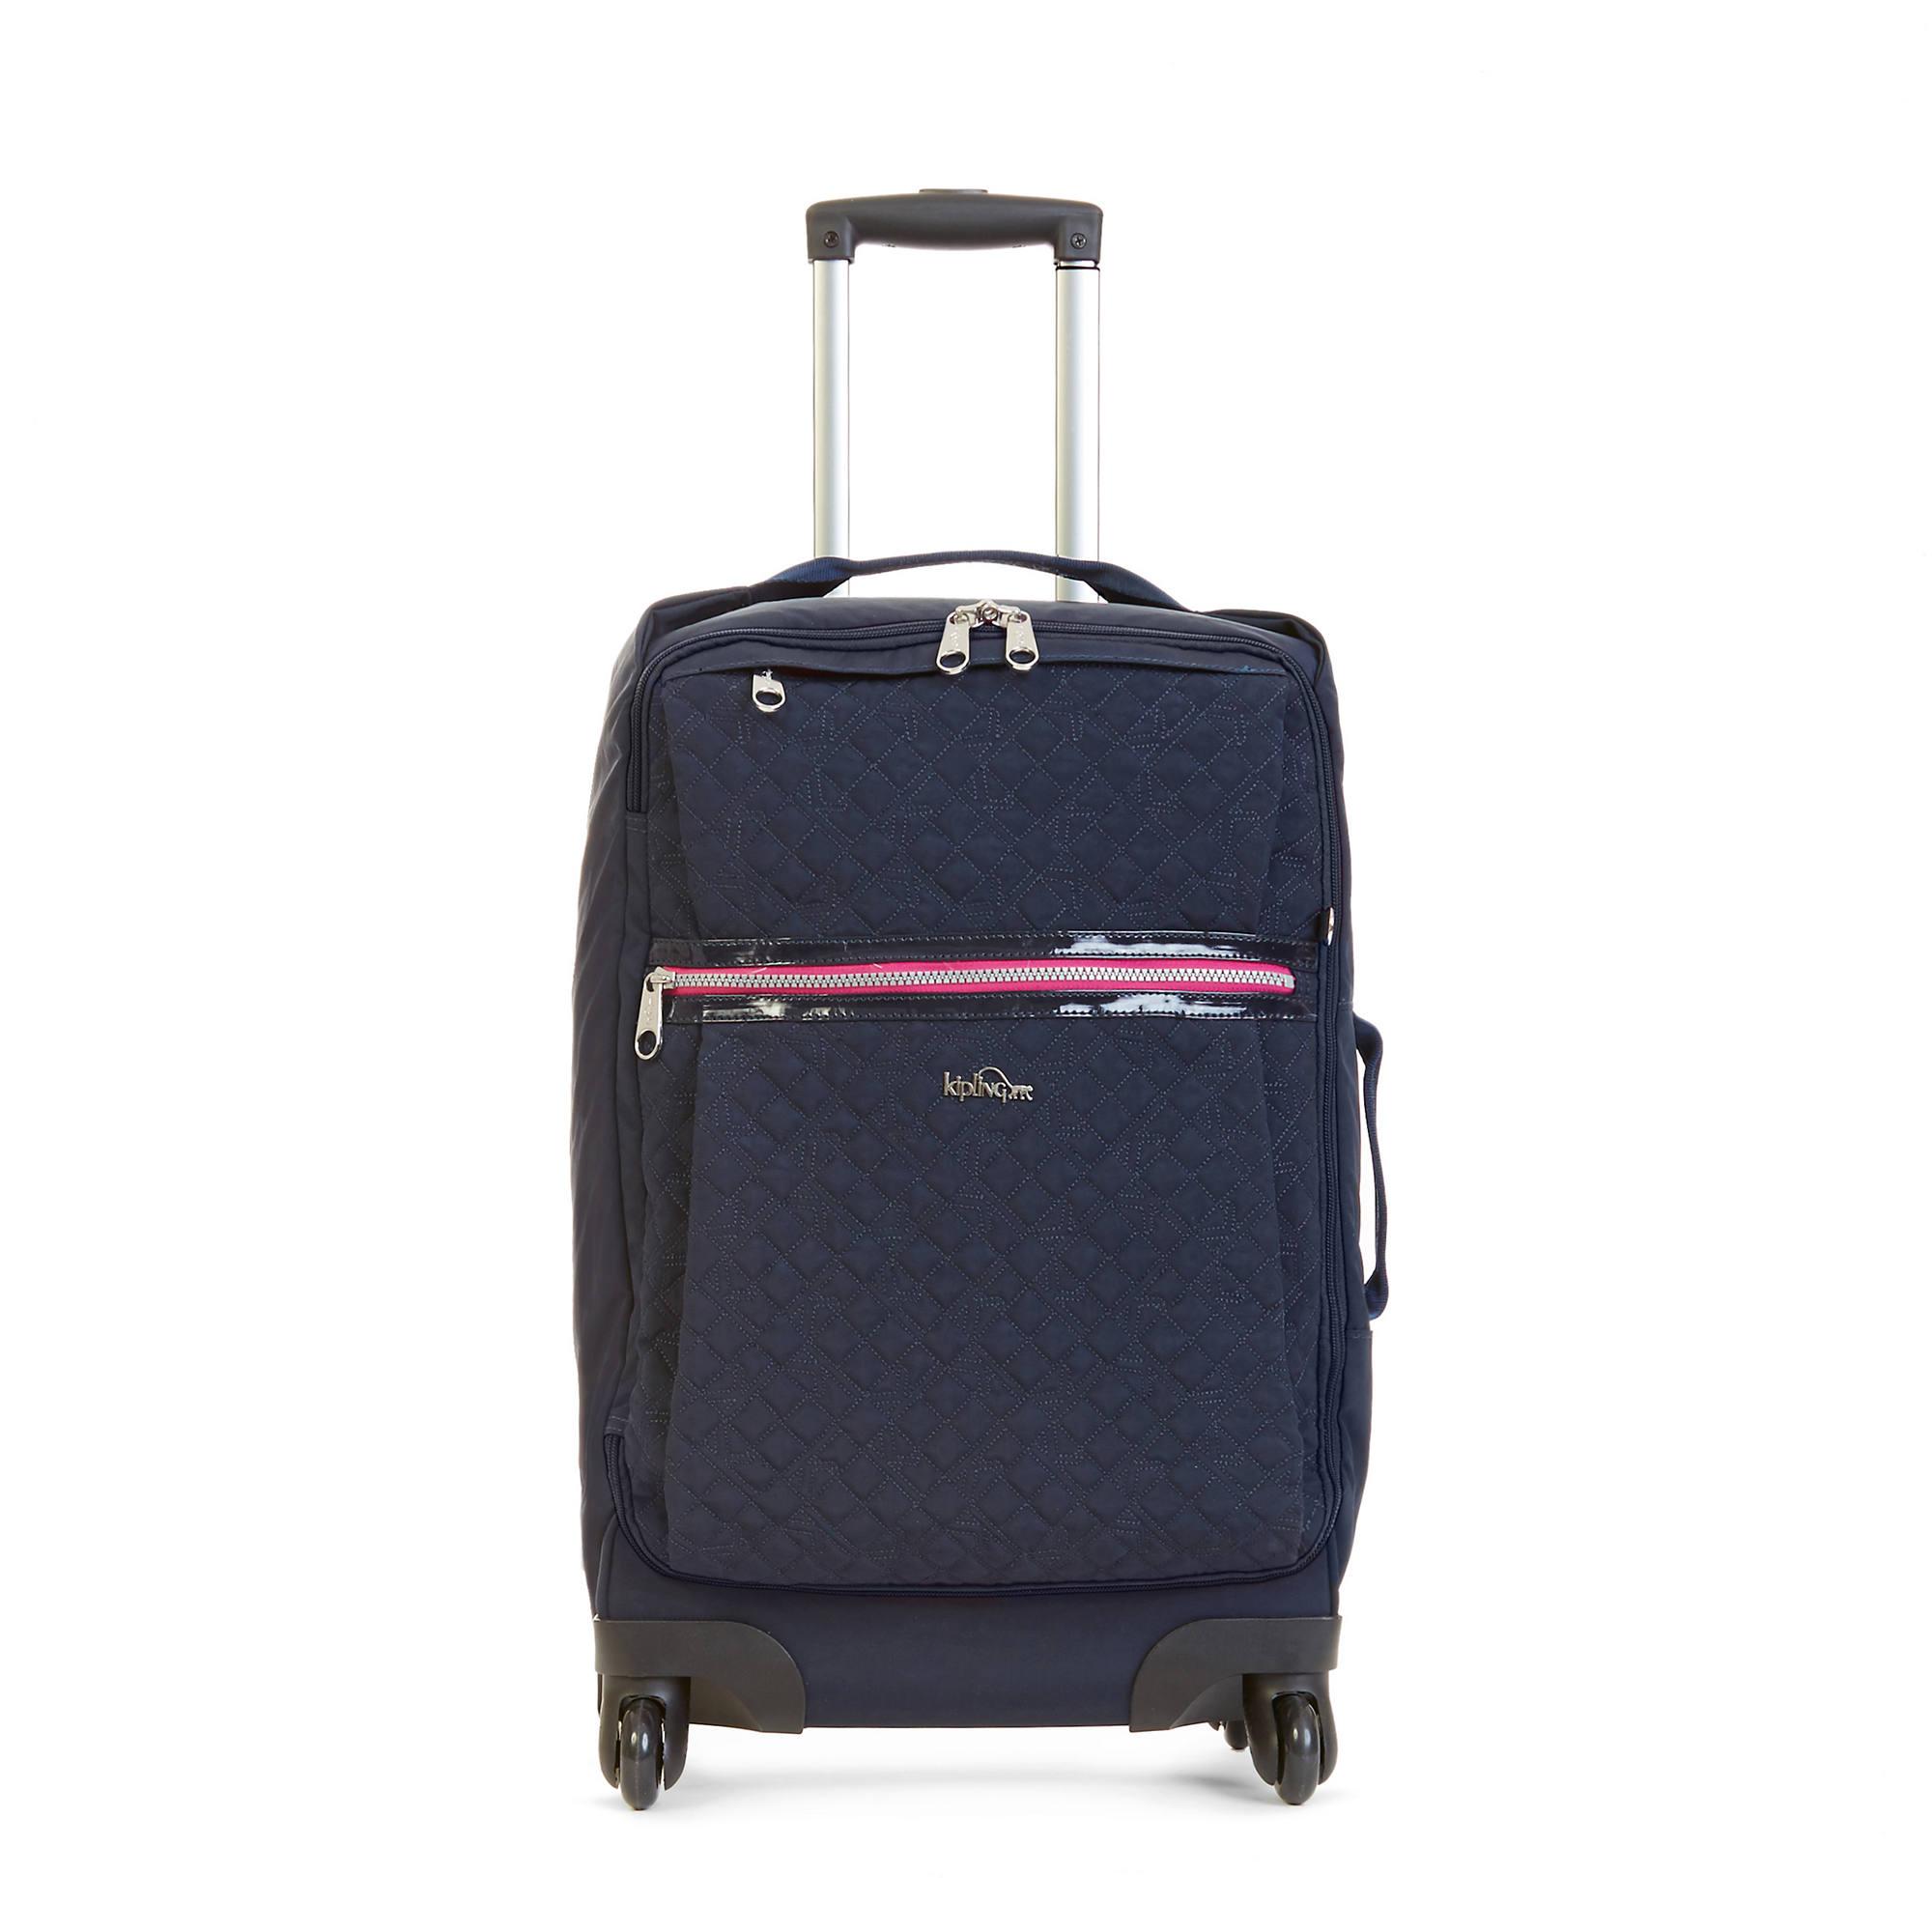 Luggage Sale - Spinner Luggage Sale by Kipling